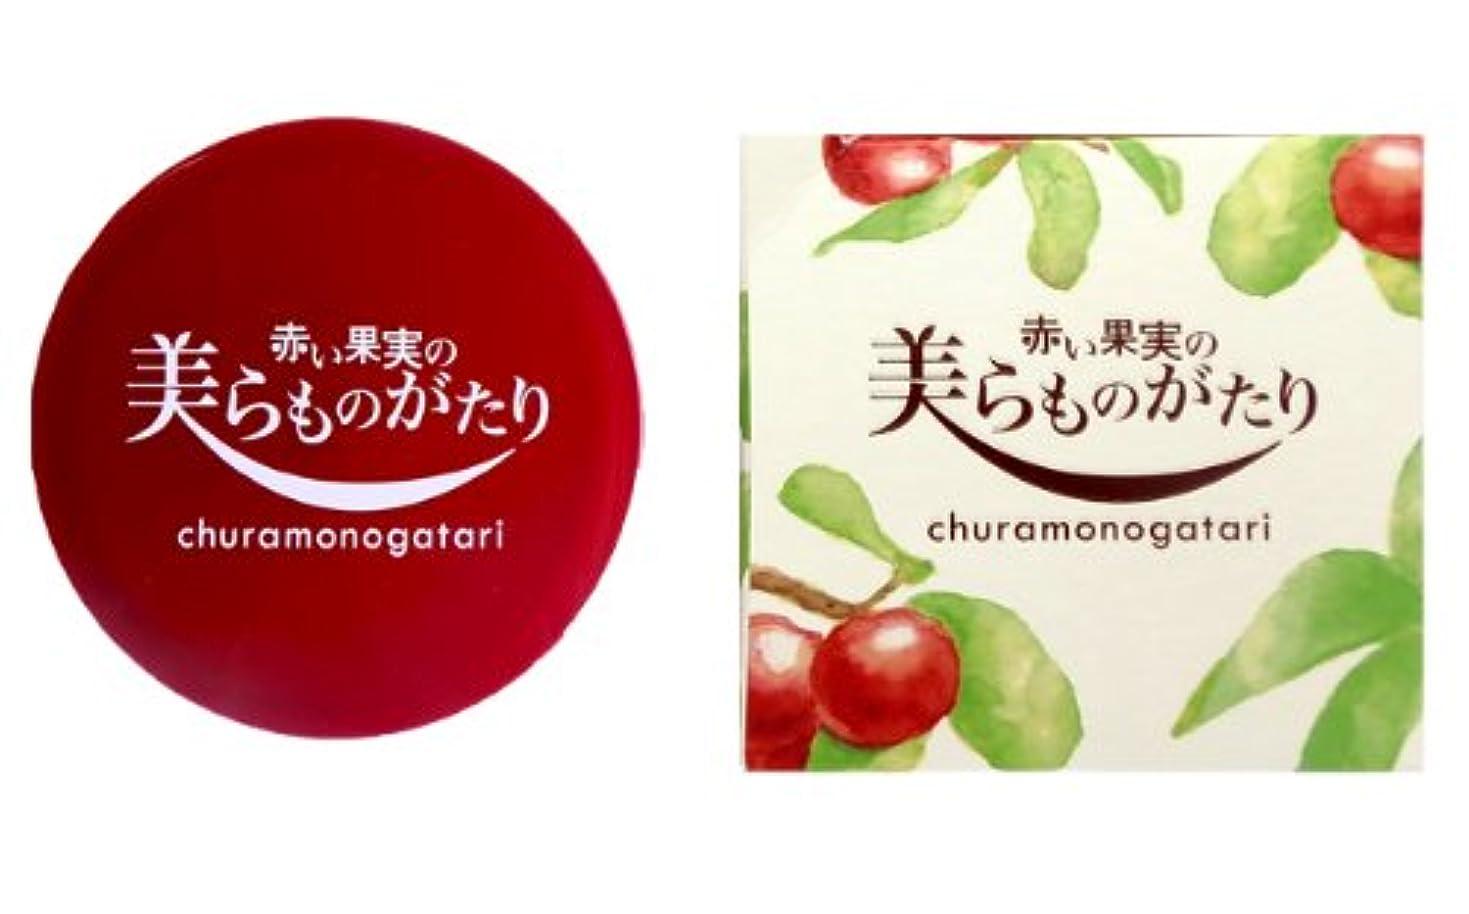 動揺させる実験的敬の念やんばる彩葉 これ1つでうるぷる美肌 全身にたっぷり使えるオールインワン基礎化粧品 赤い果実の美らものがたり ウォータージェルクリーム 80g